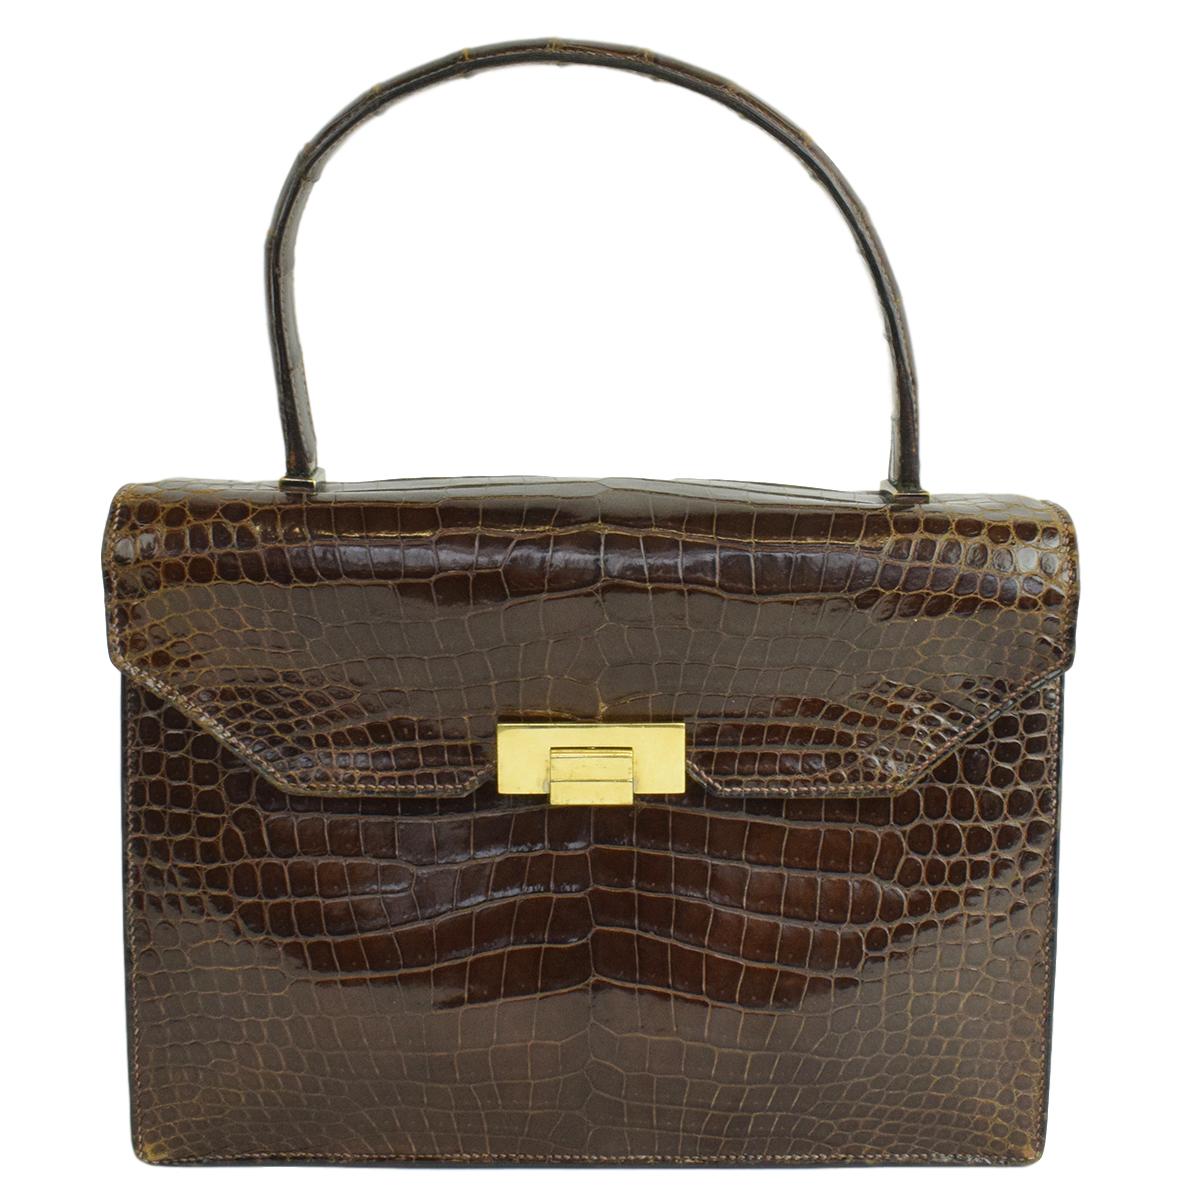 Hermes Vintage Crocodile Top Handle Bag